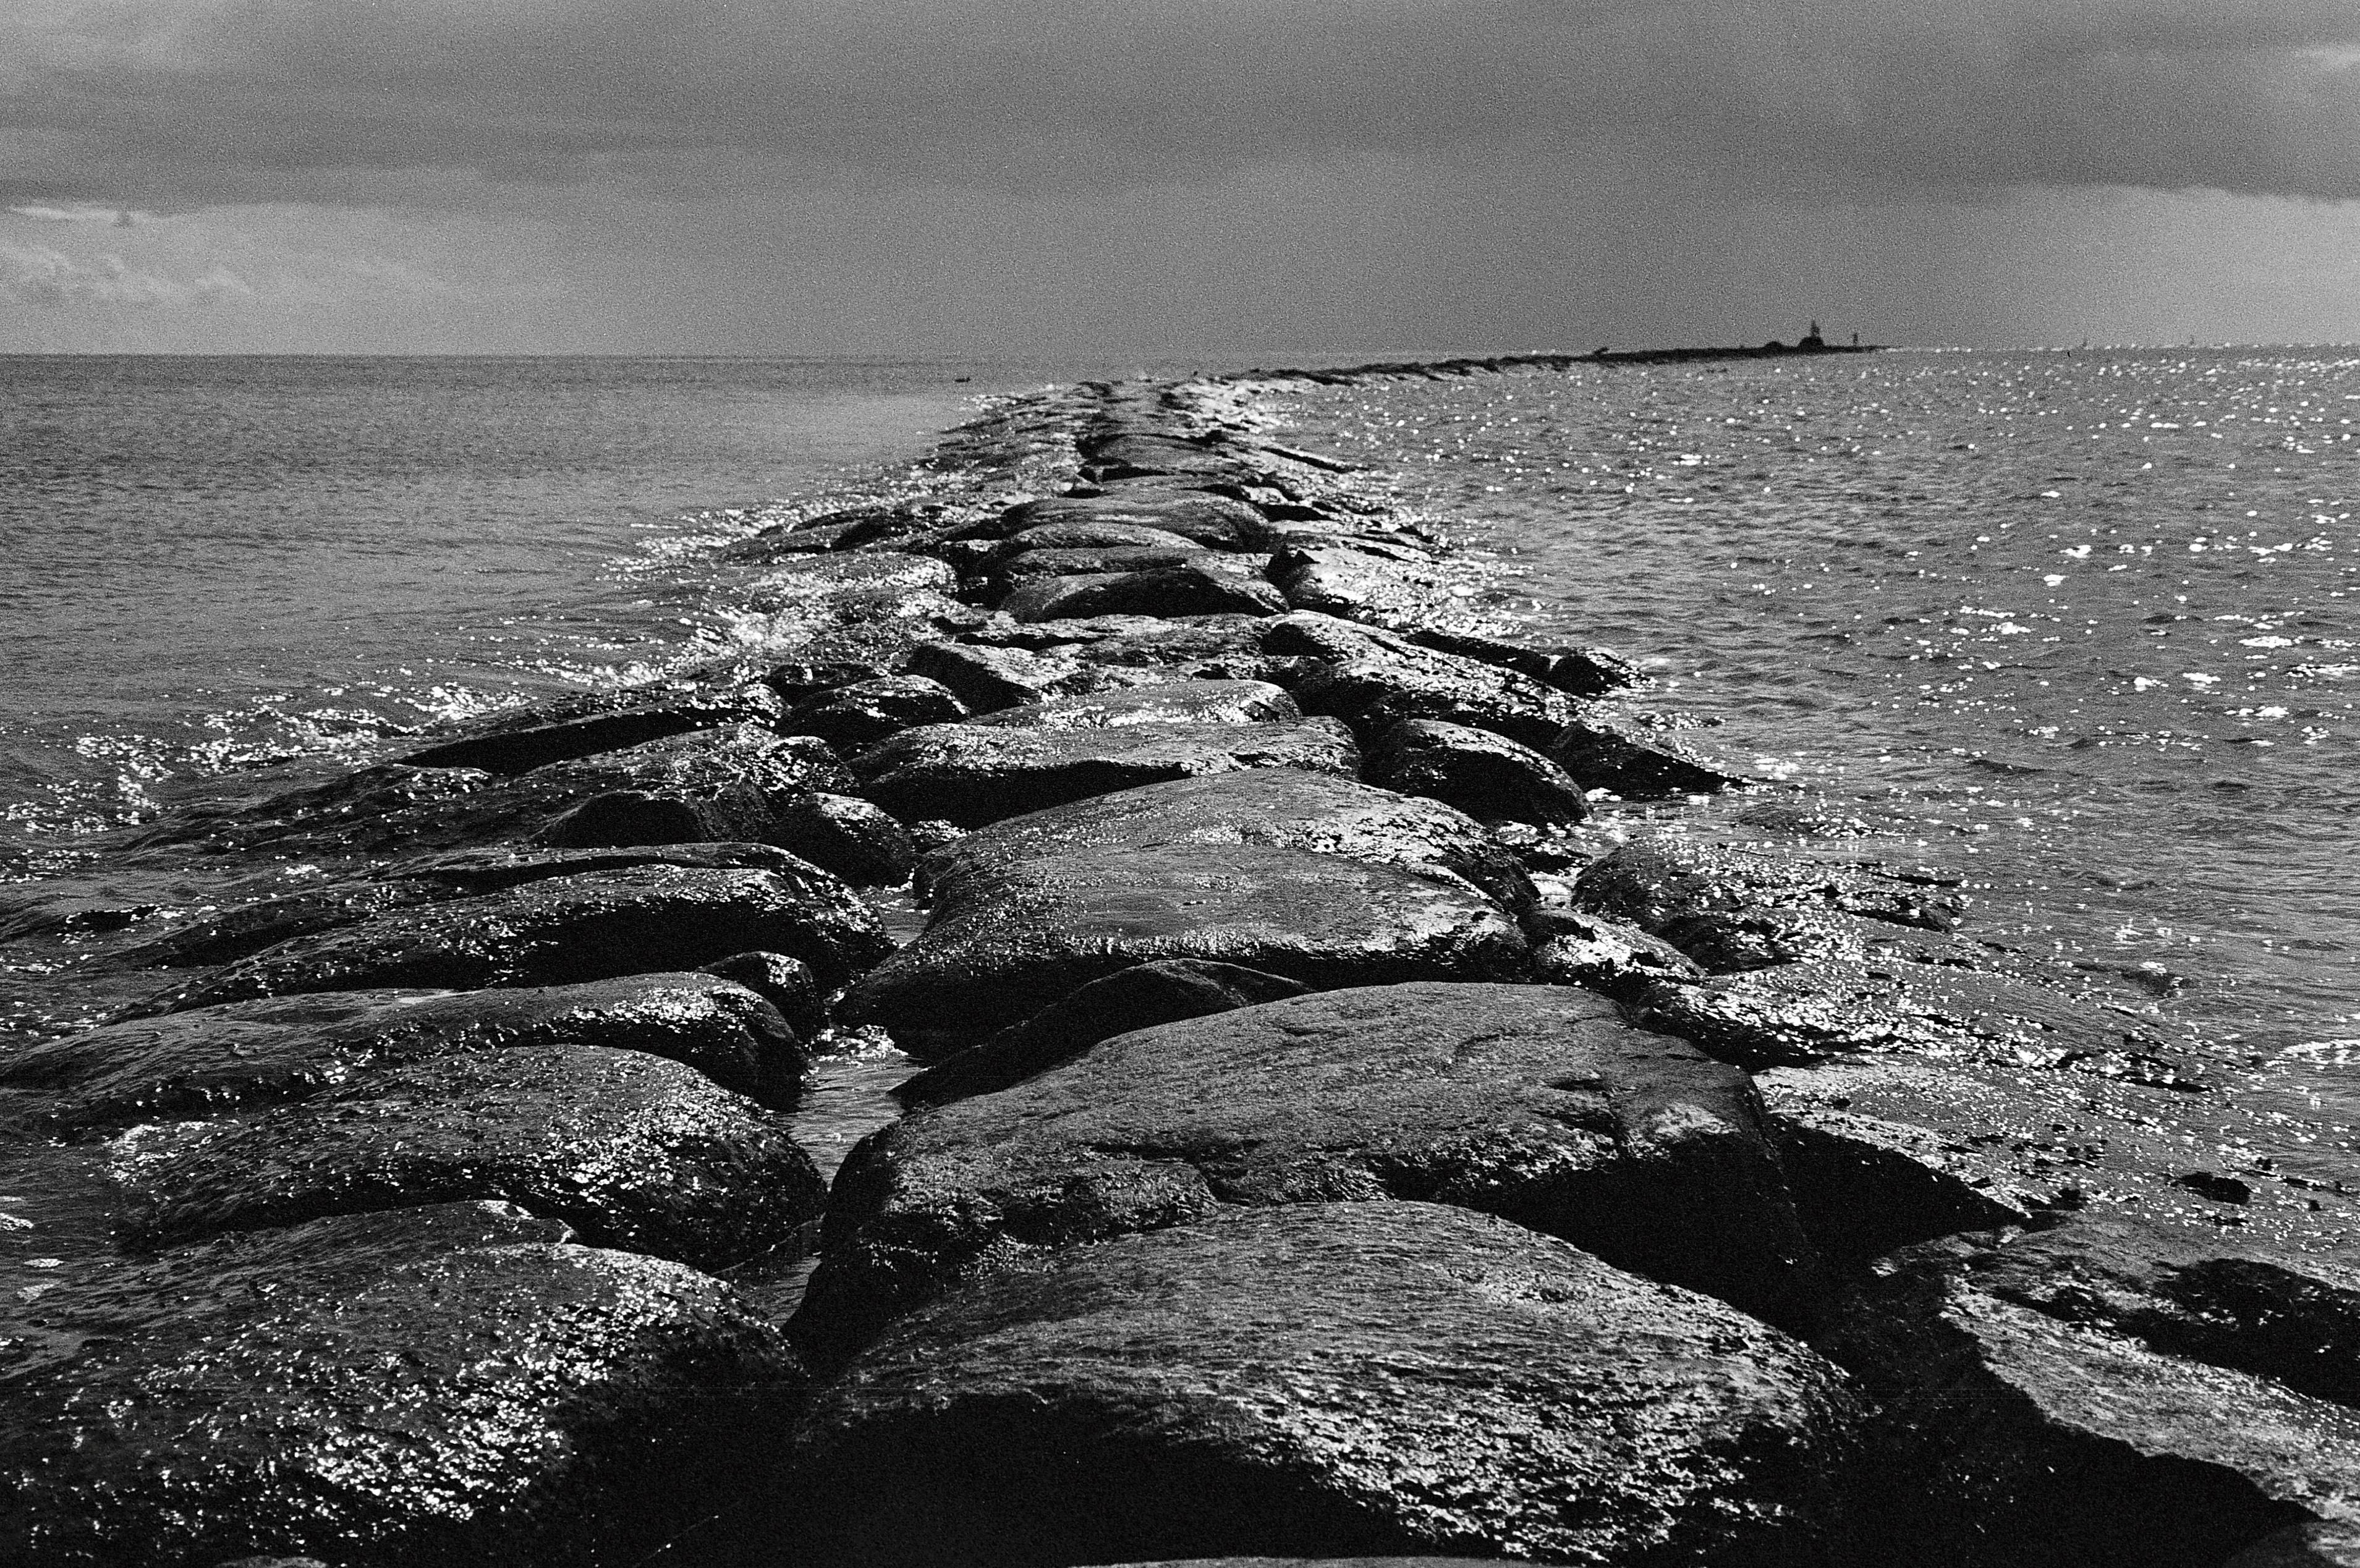 Jetée de pierres, Pärnu, juillet 2015